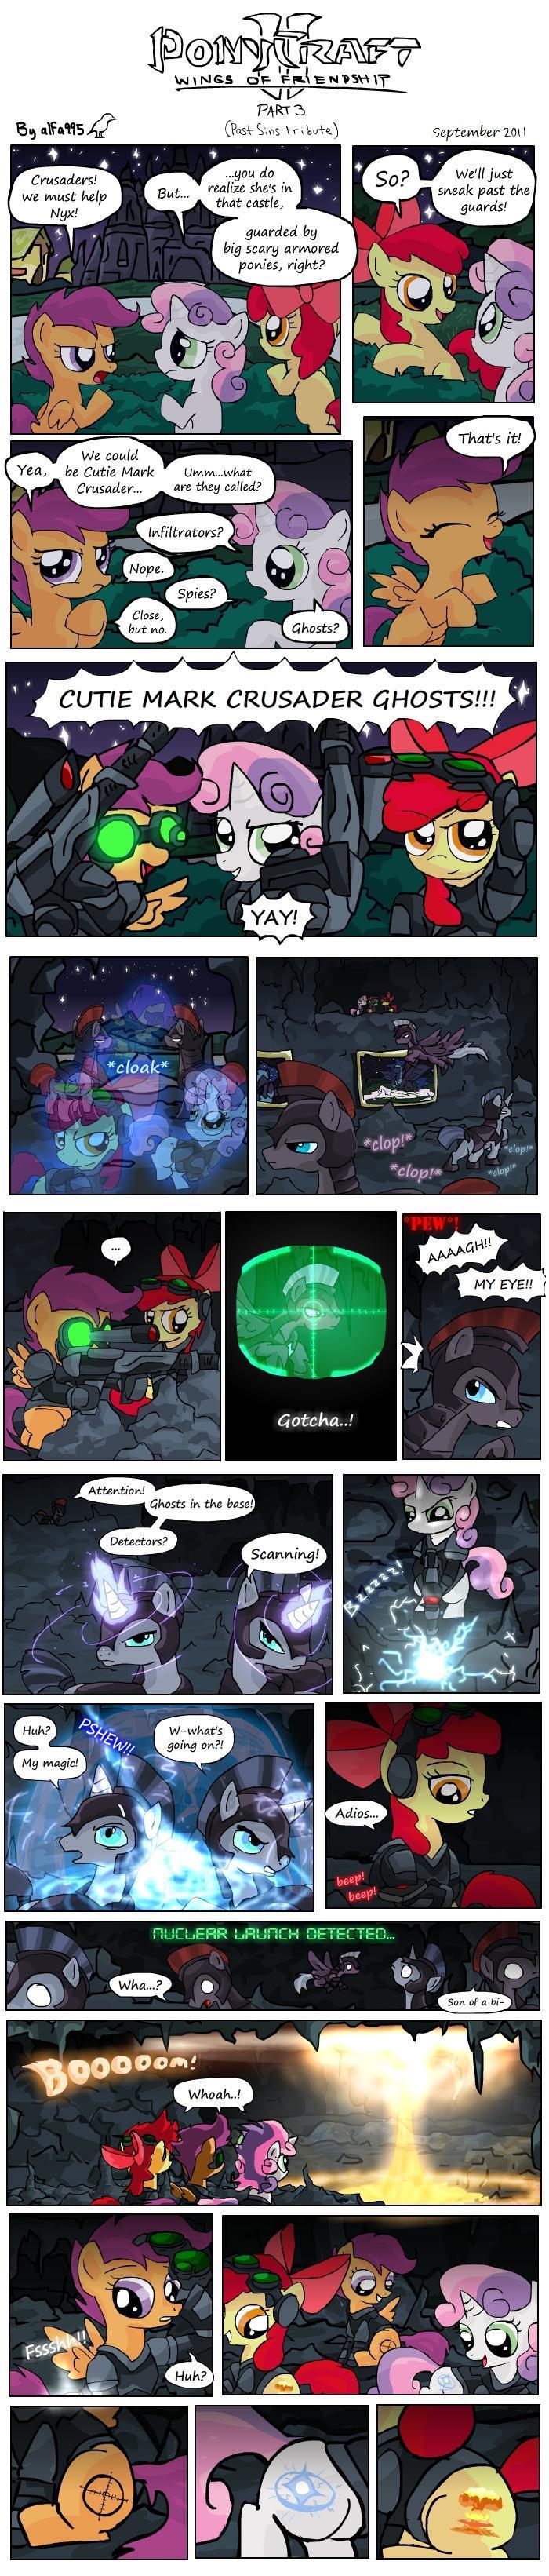 Ponycraft2 - Terran (part 3)